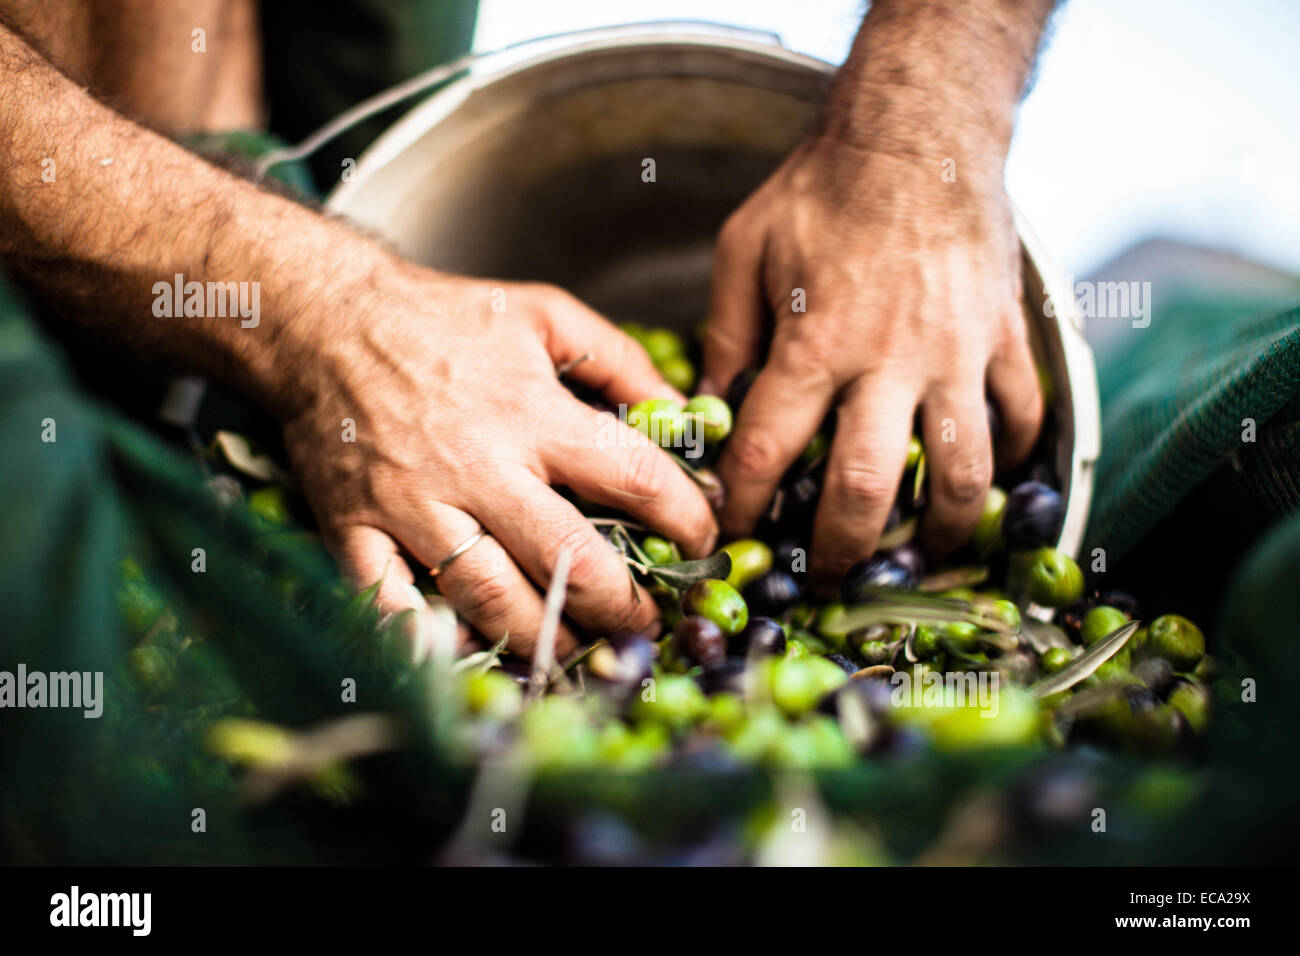 L'uomo spingendo le olive a benna Immagini Stock